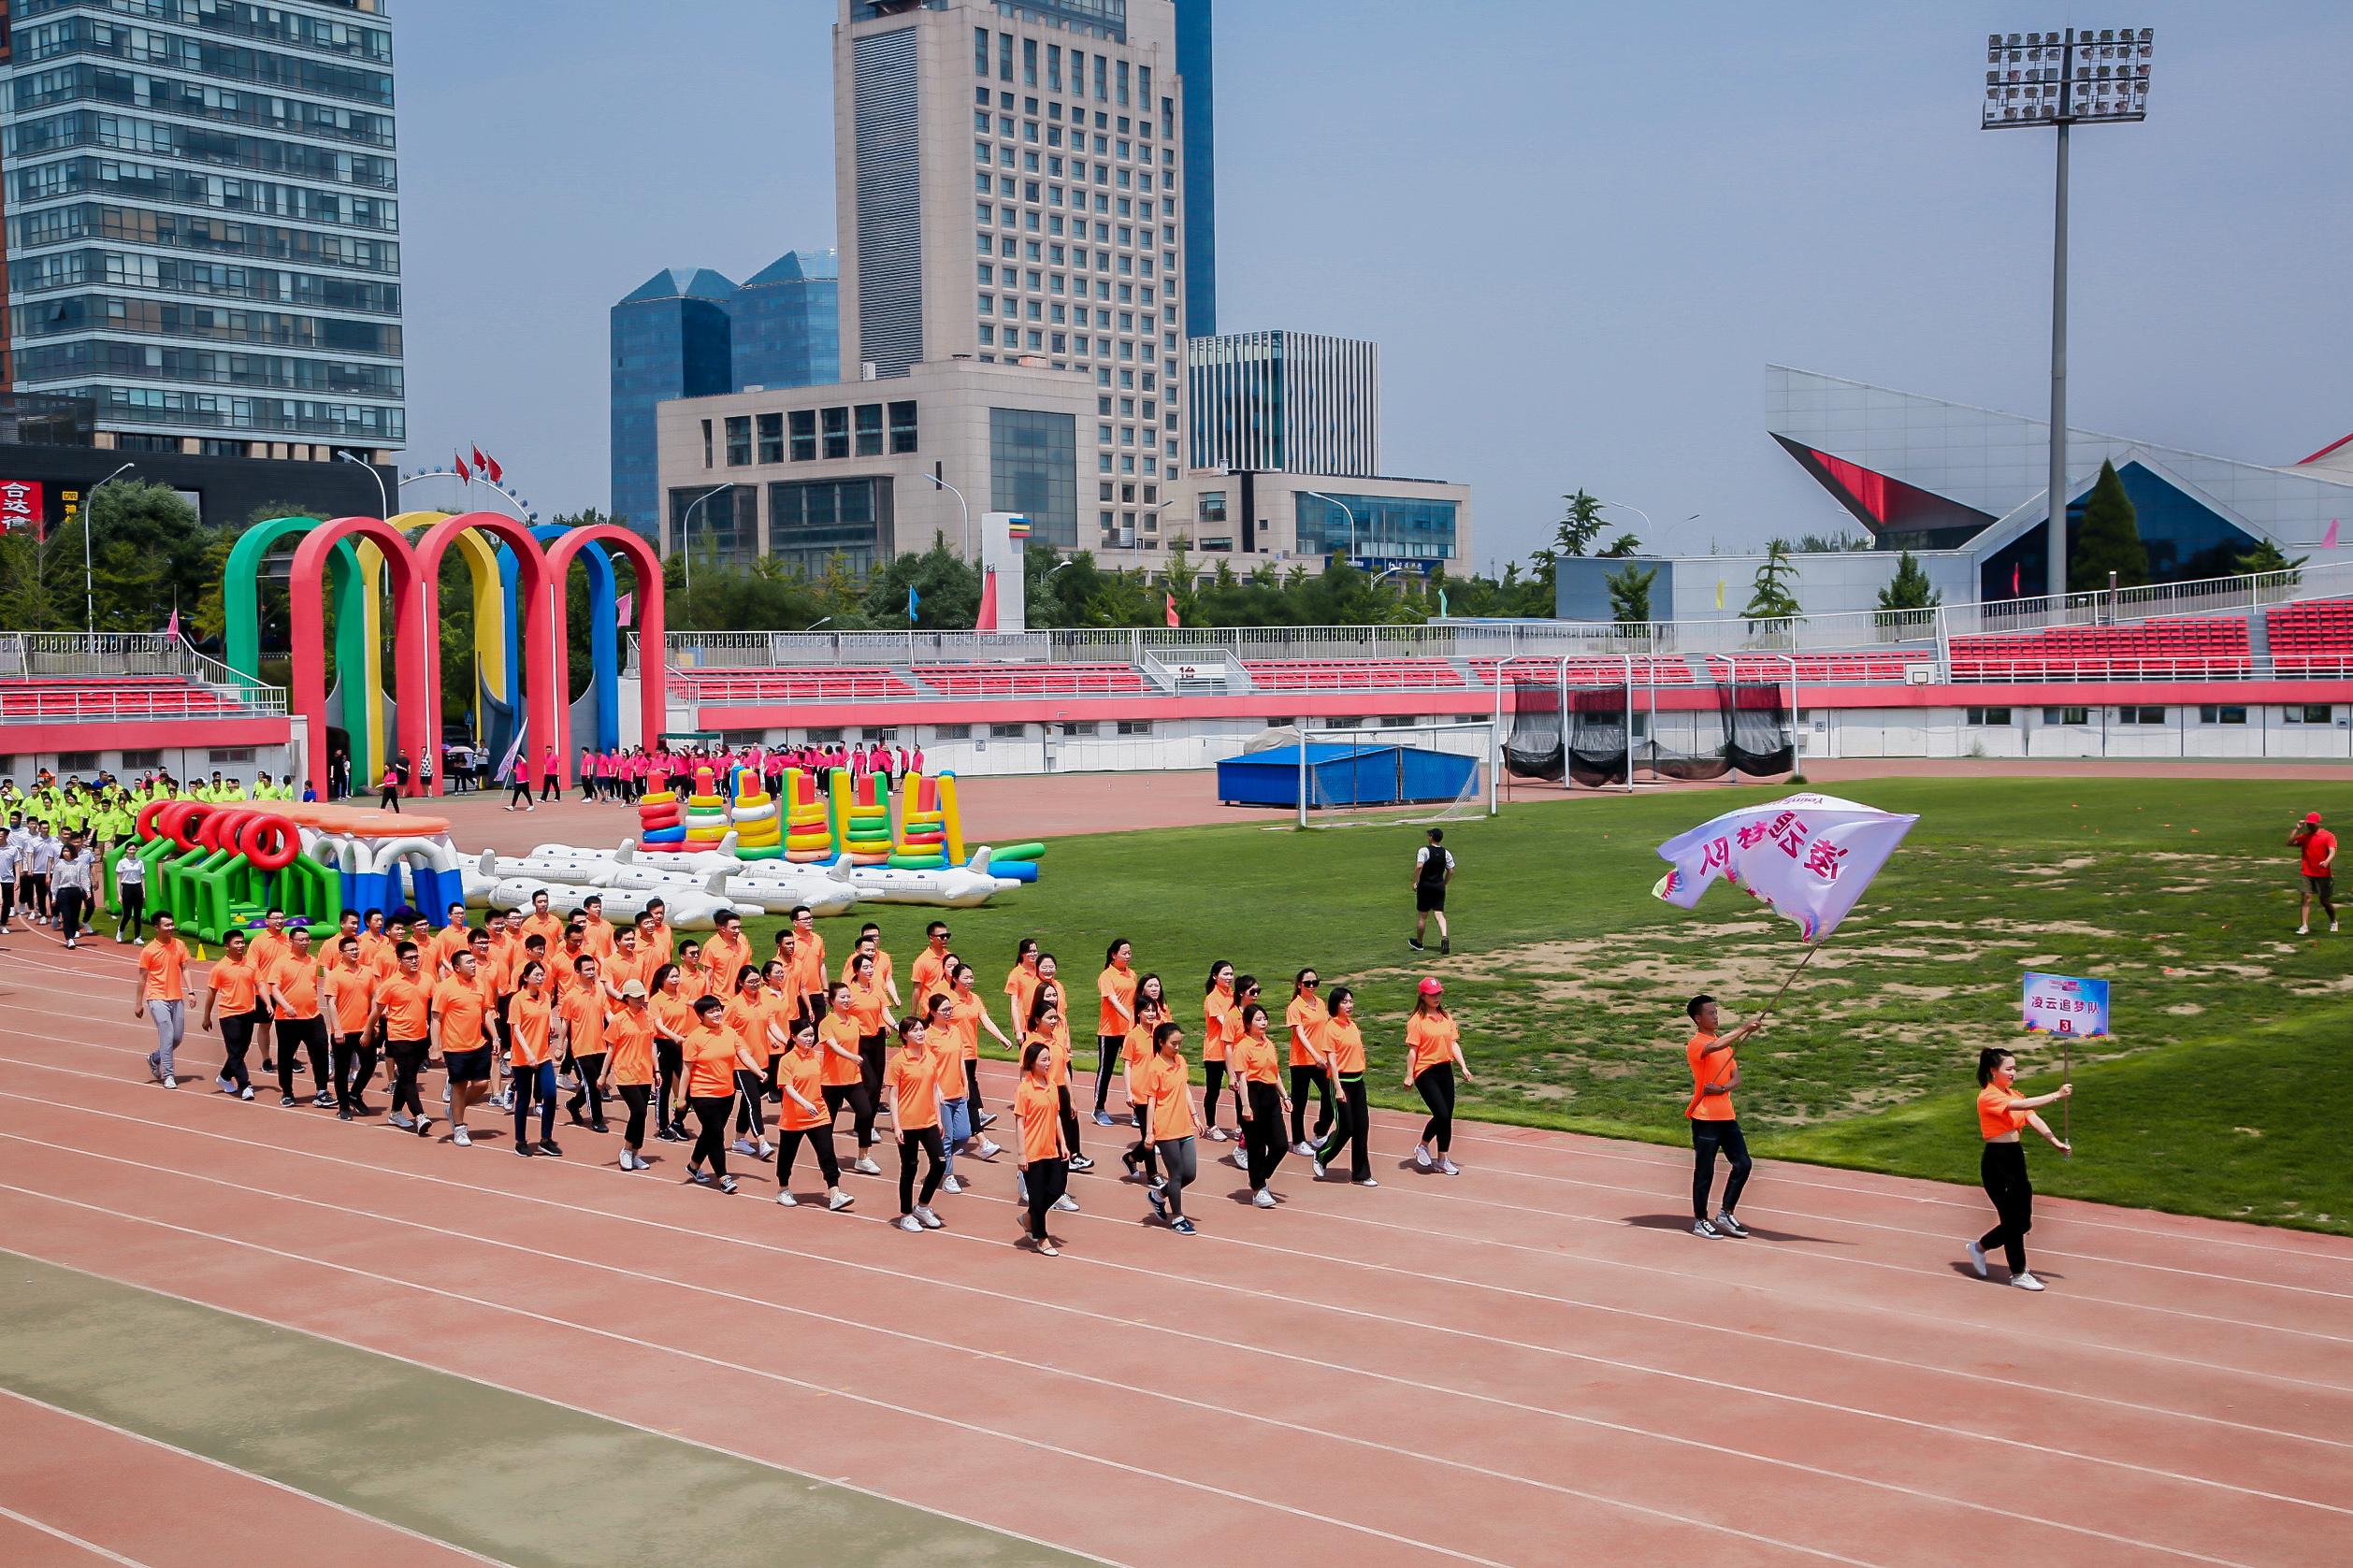 北京平安普惠運動會資料-17193672